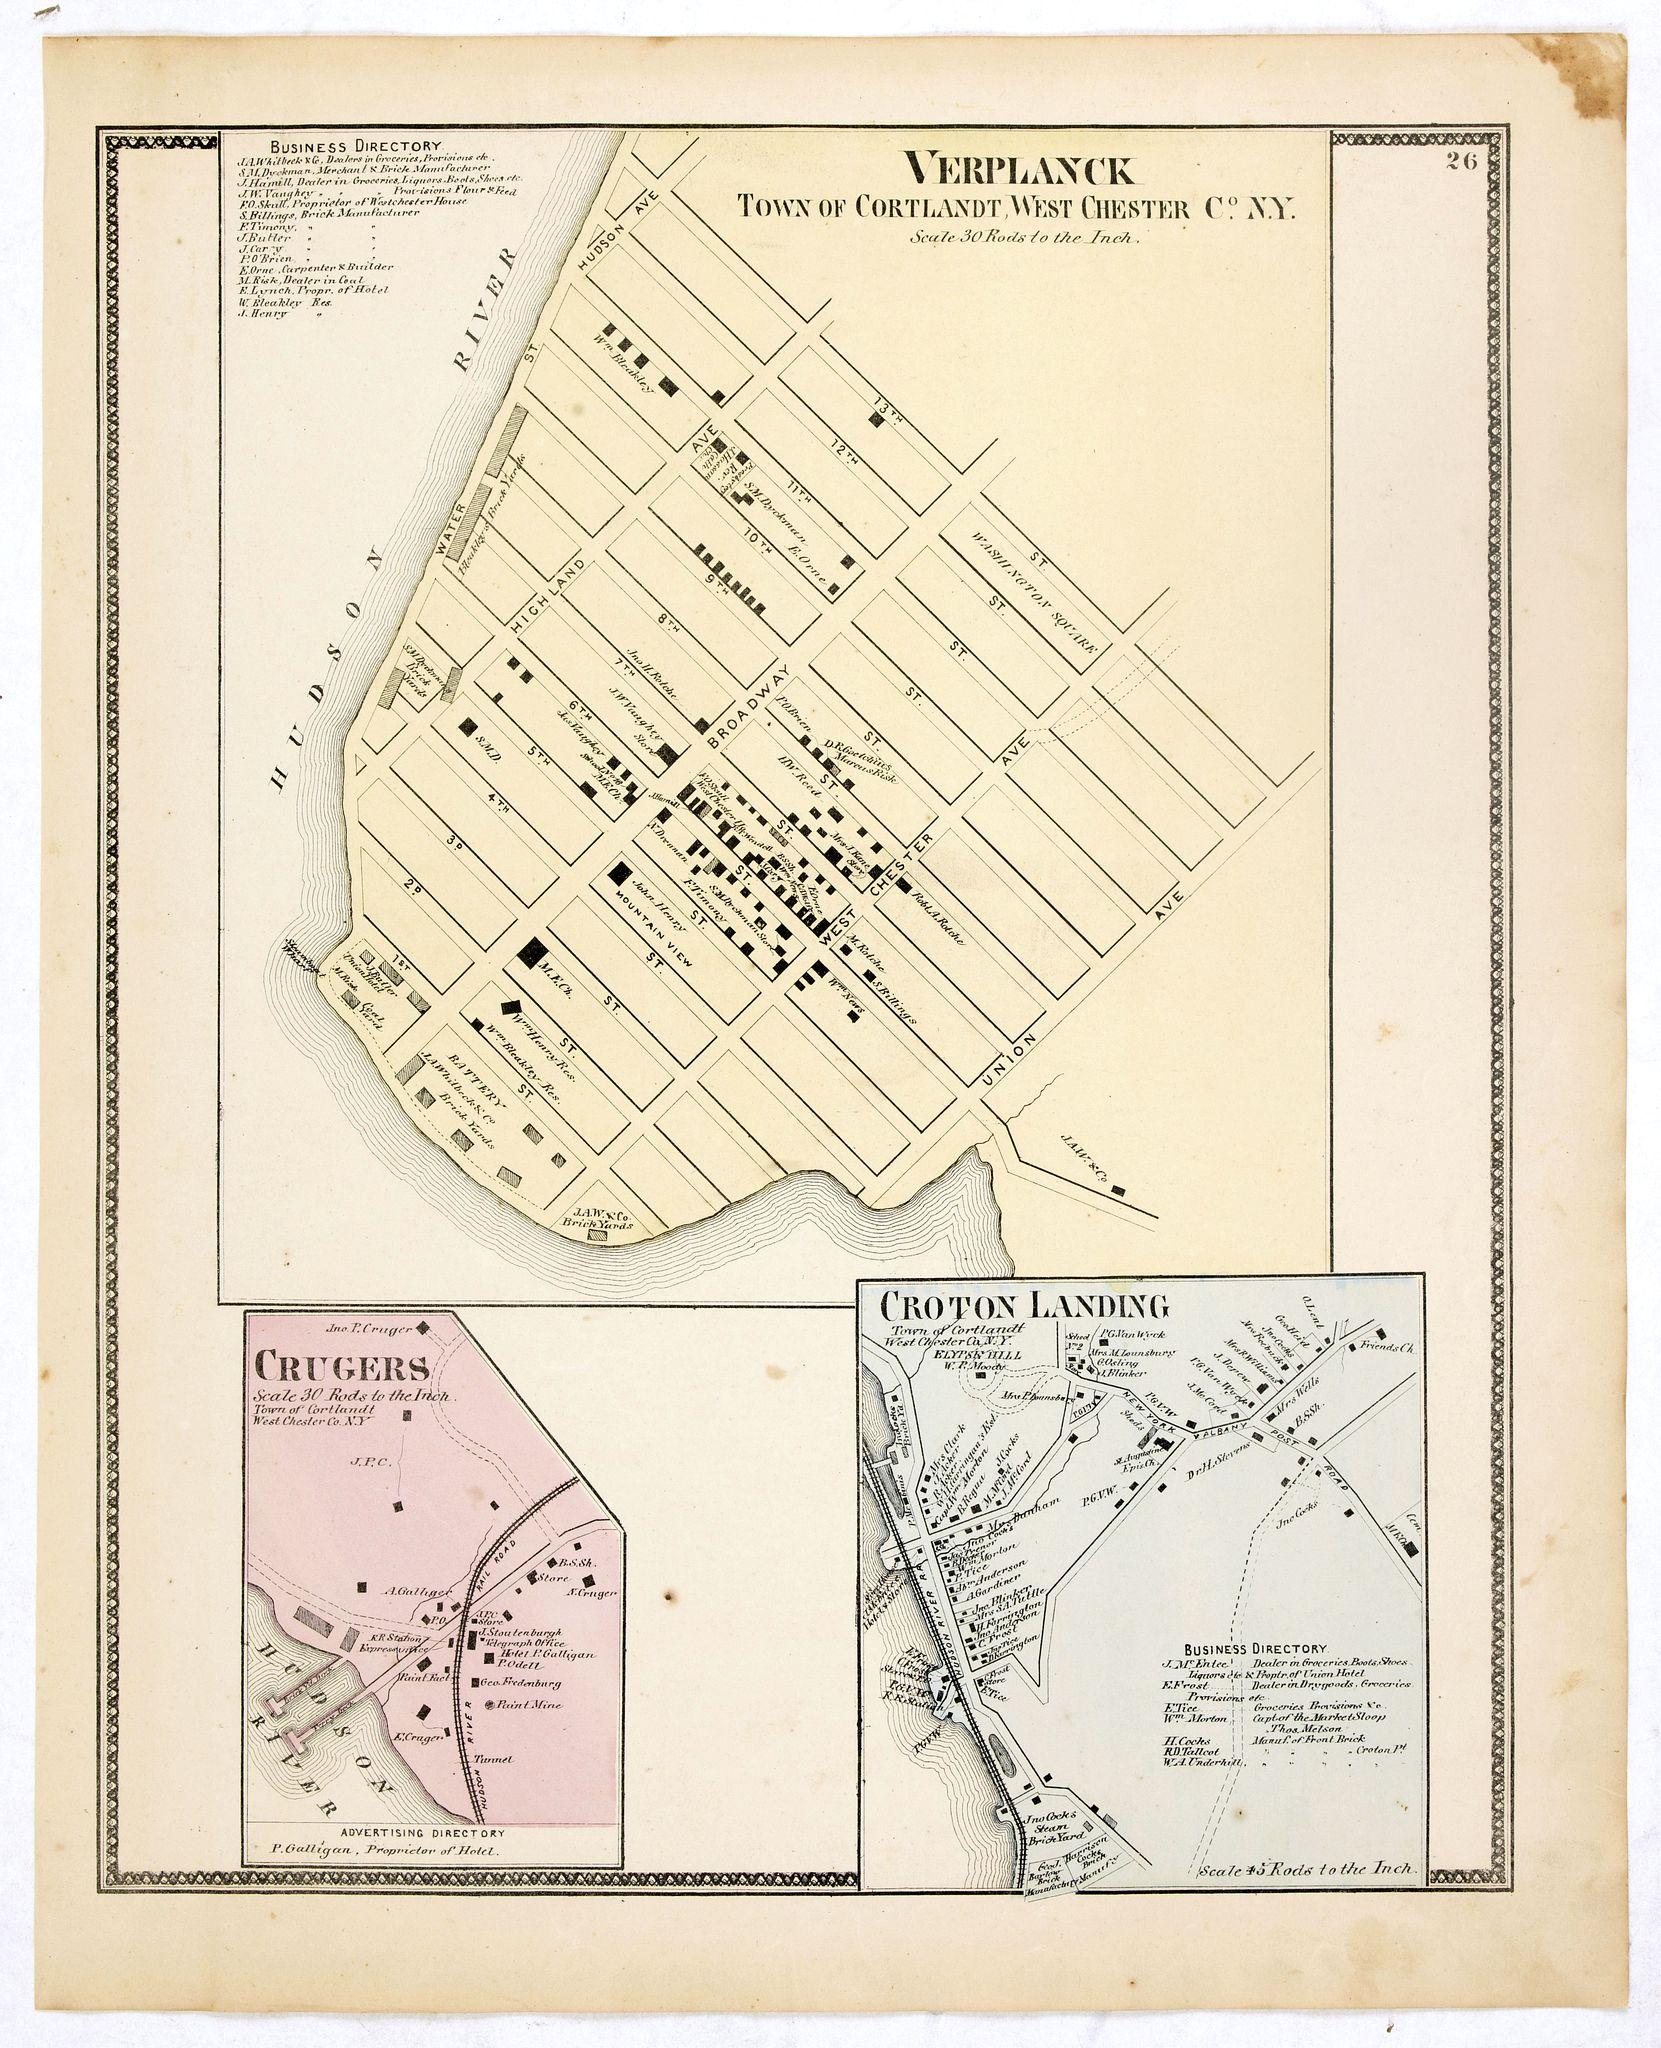 DE BEERS, F.W. -  Town of Verplanck / Crugers / Croton Landing.